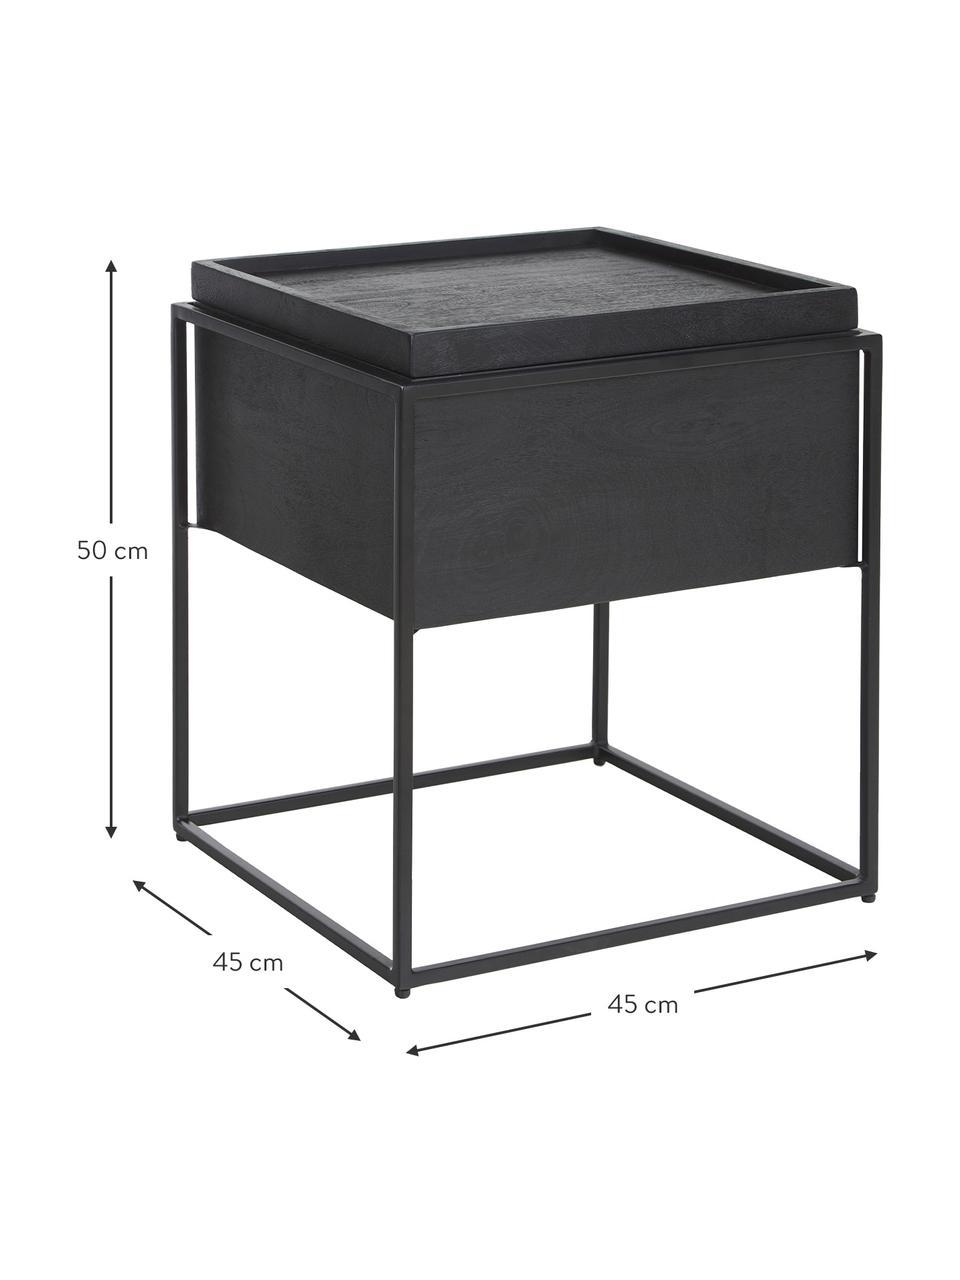 Table d'appoint noire en bois et métal Theo, Corps: manguier, noir laqué Support: noir, mat